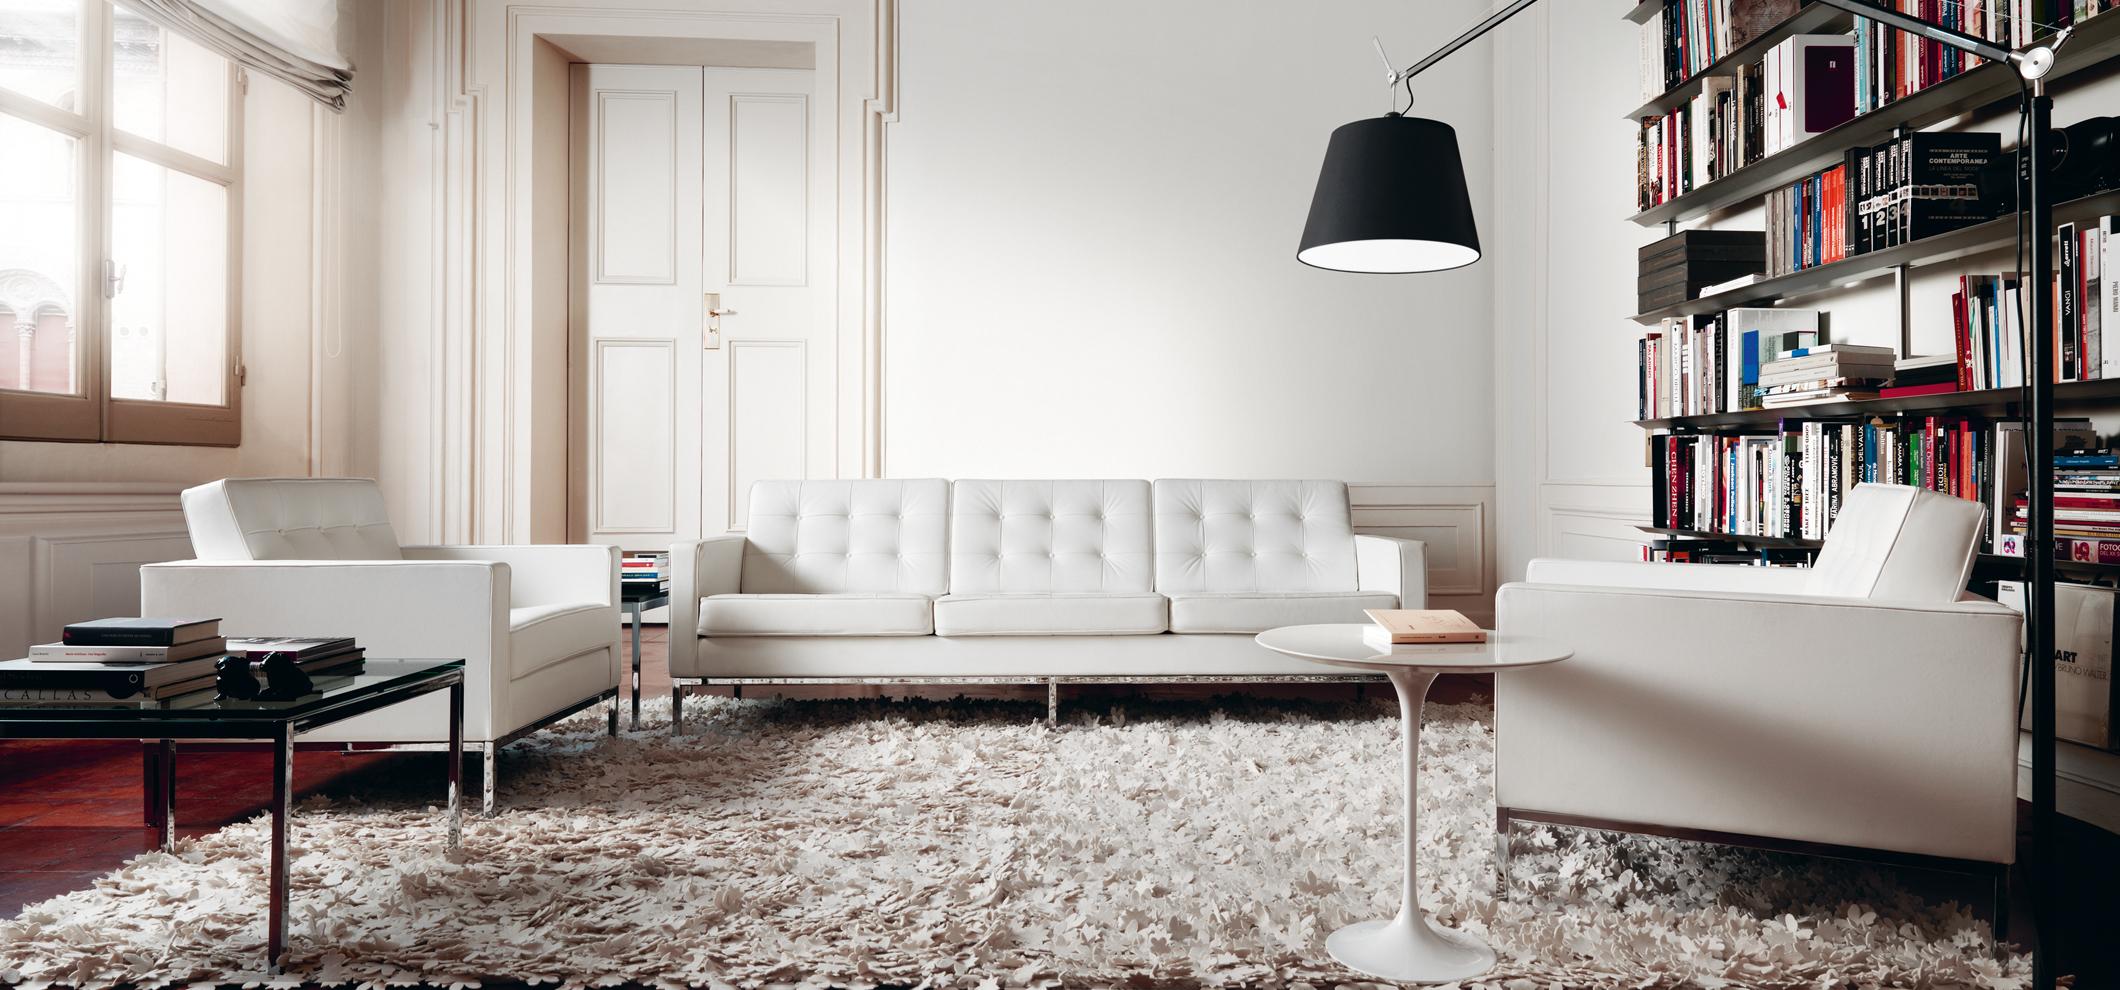 knoll international drupal. Black Bedroom Furniture Sets. Home Design Ideas